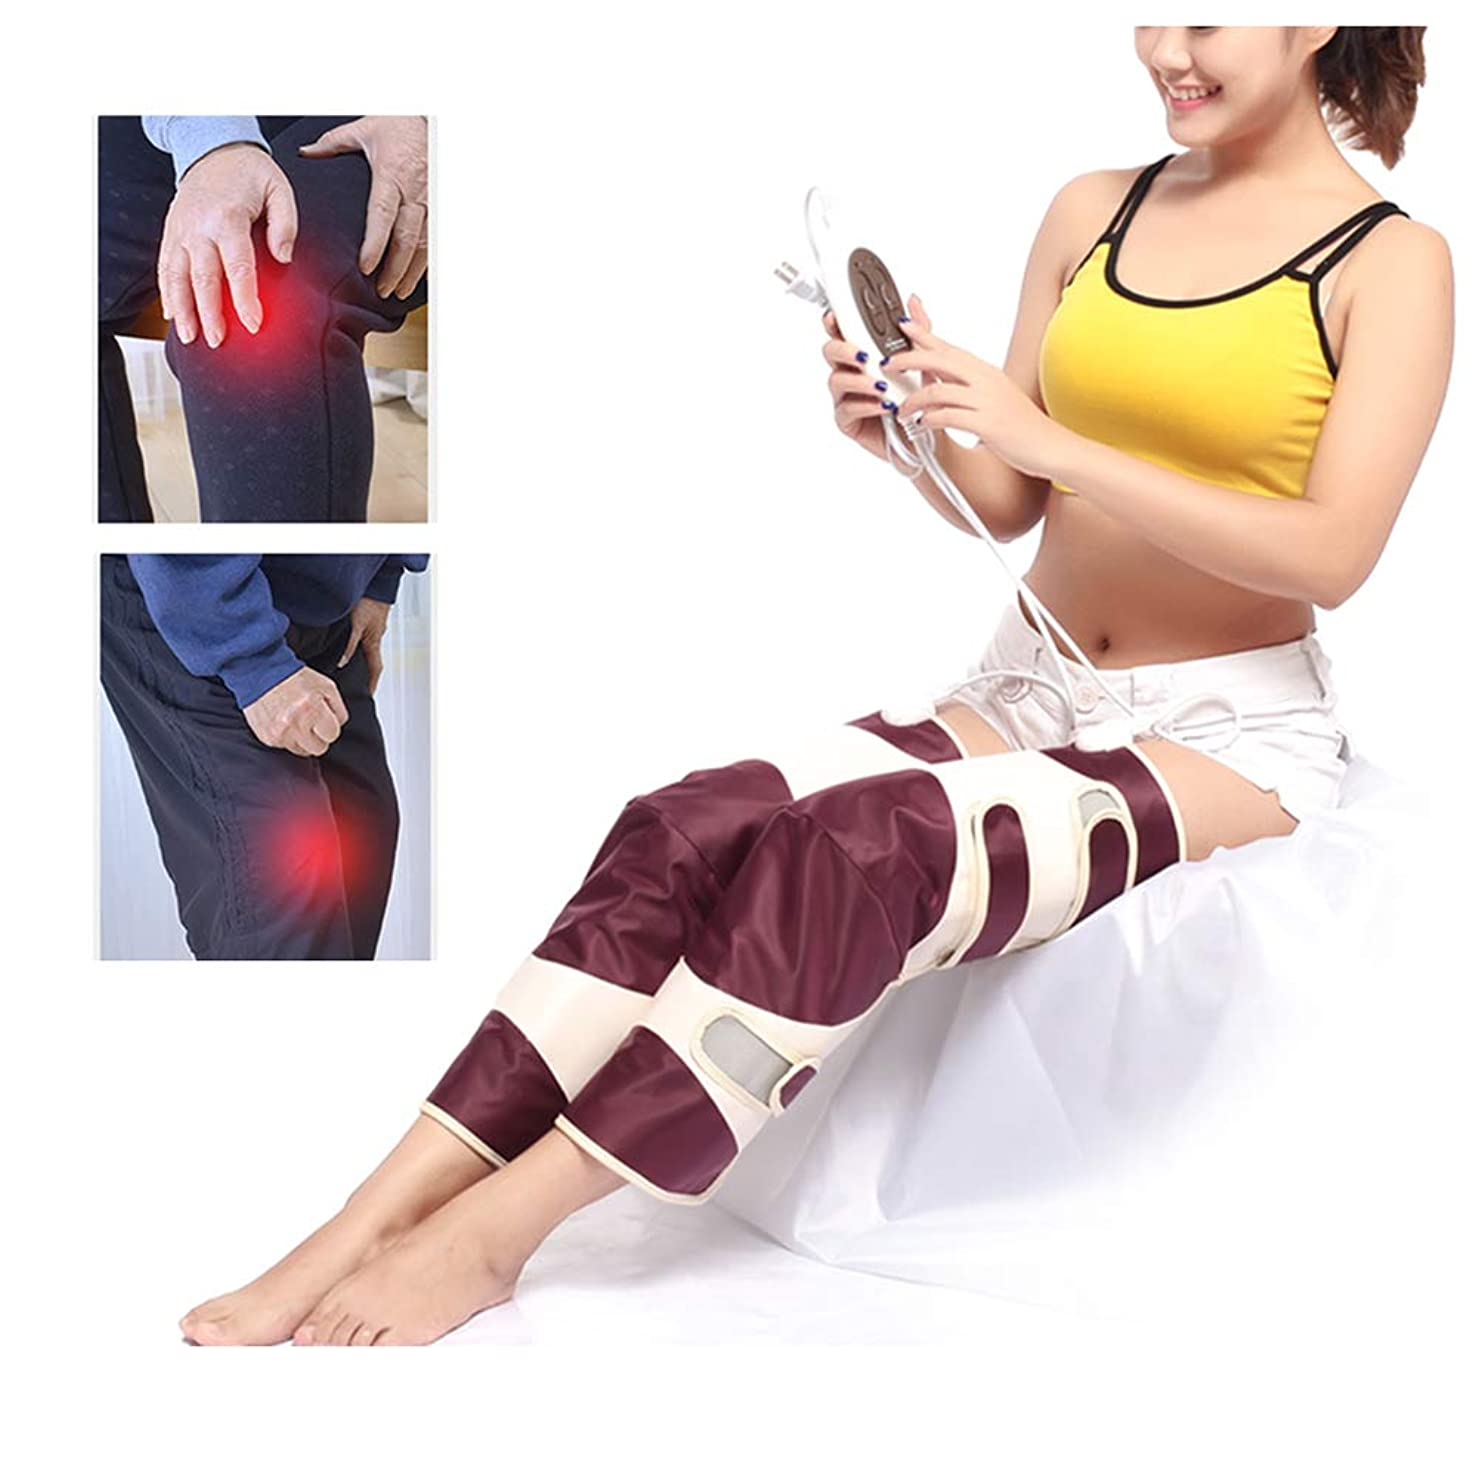 不利益予定全部膝の怪我、痛みを軽減するための電気加熱膝ブレースサポート - 膝温かいラップ加熱パッド - 遠赤外線治療マッサージャー